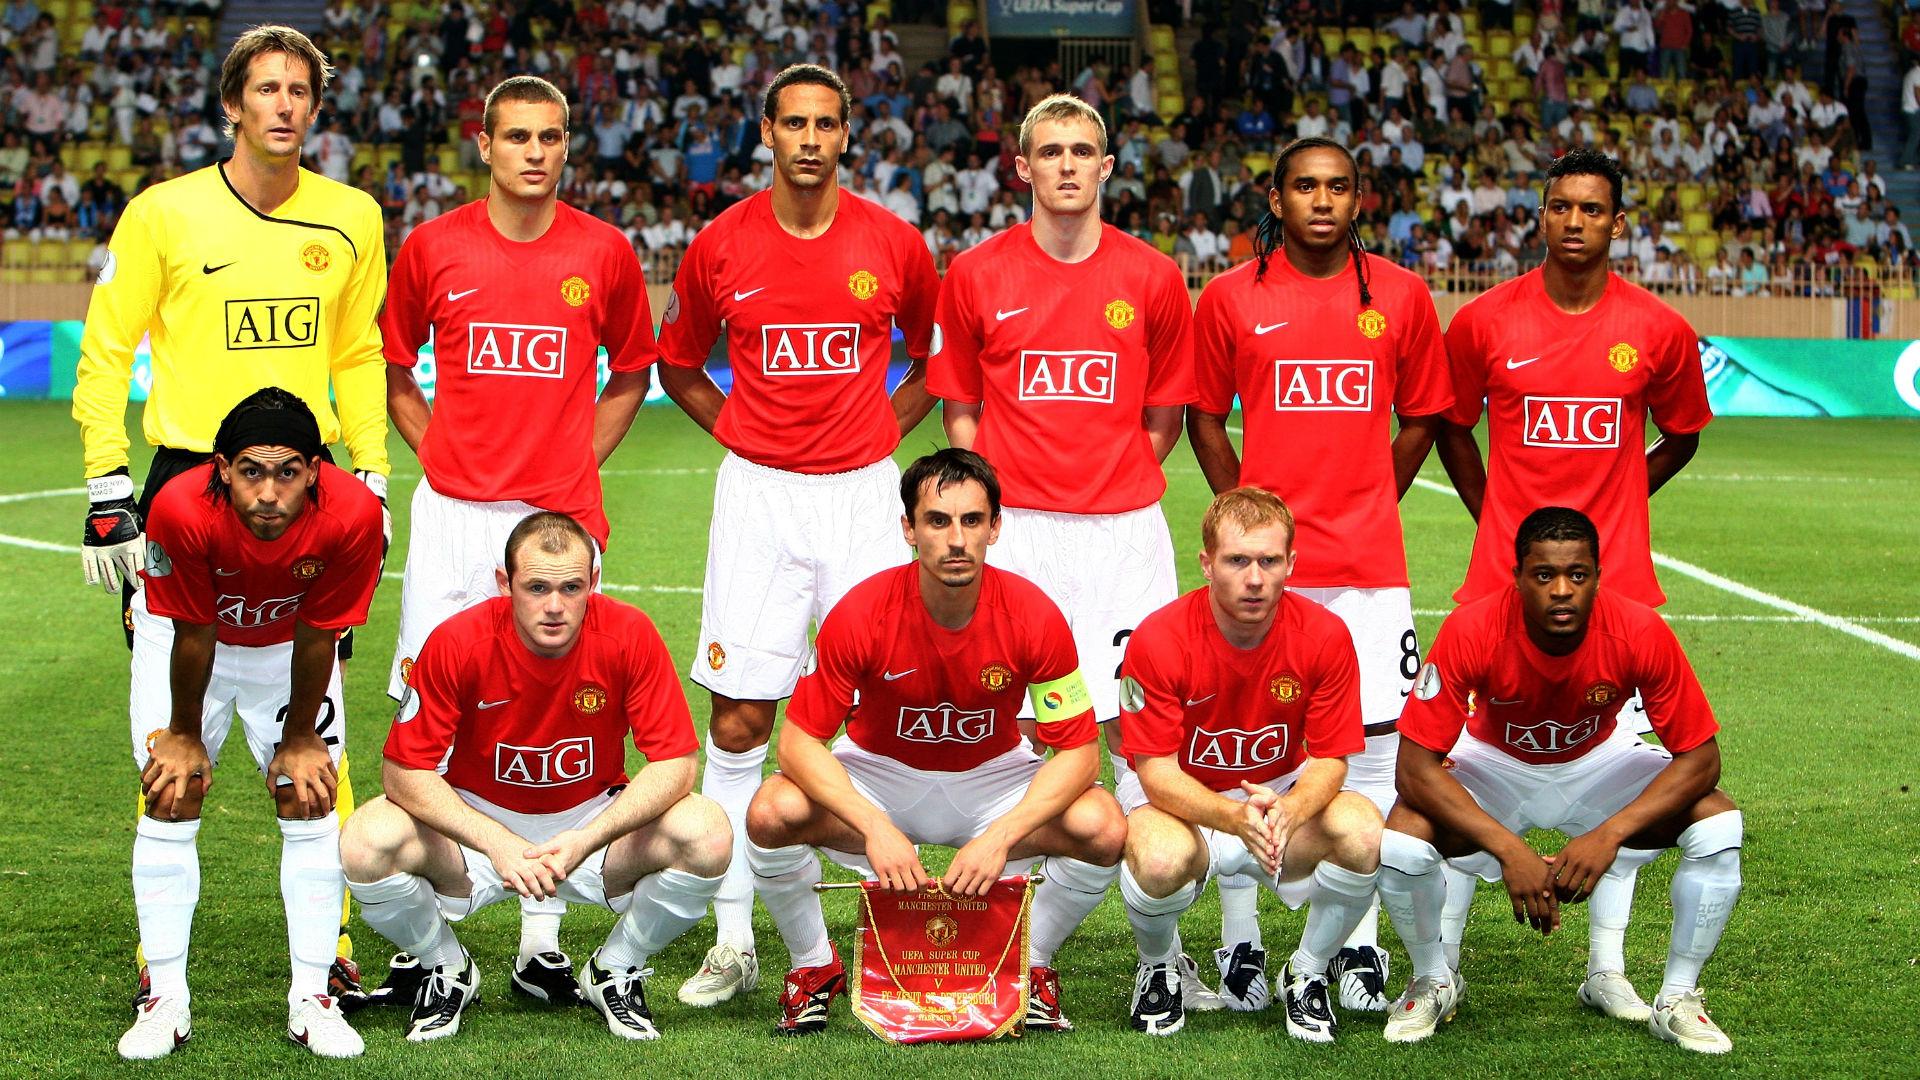 Histórico del Manchester United pone fin a su carrera | ECUAGOL